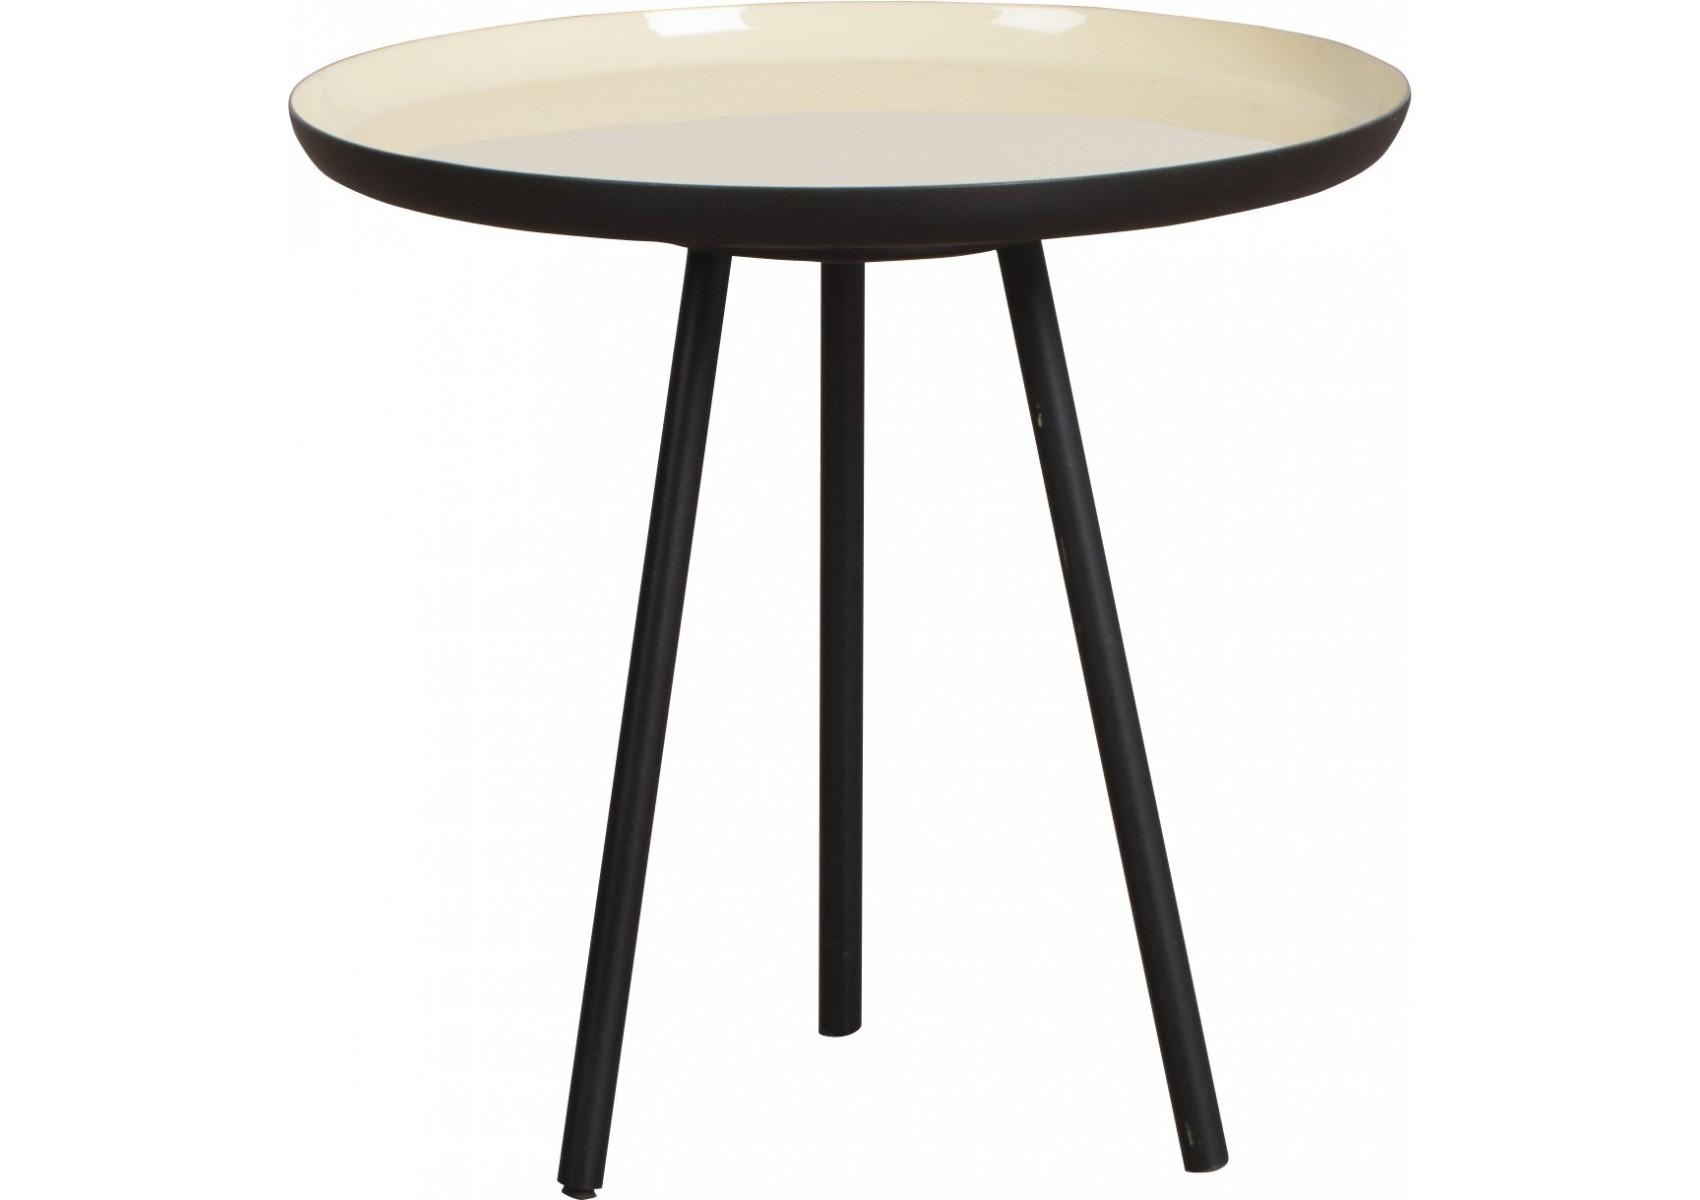 3-tables-basses-enamel-en-3-couleurs-design-scandinave Luxe De La Redoute Table Basse Scandinave Concept